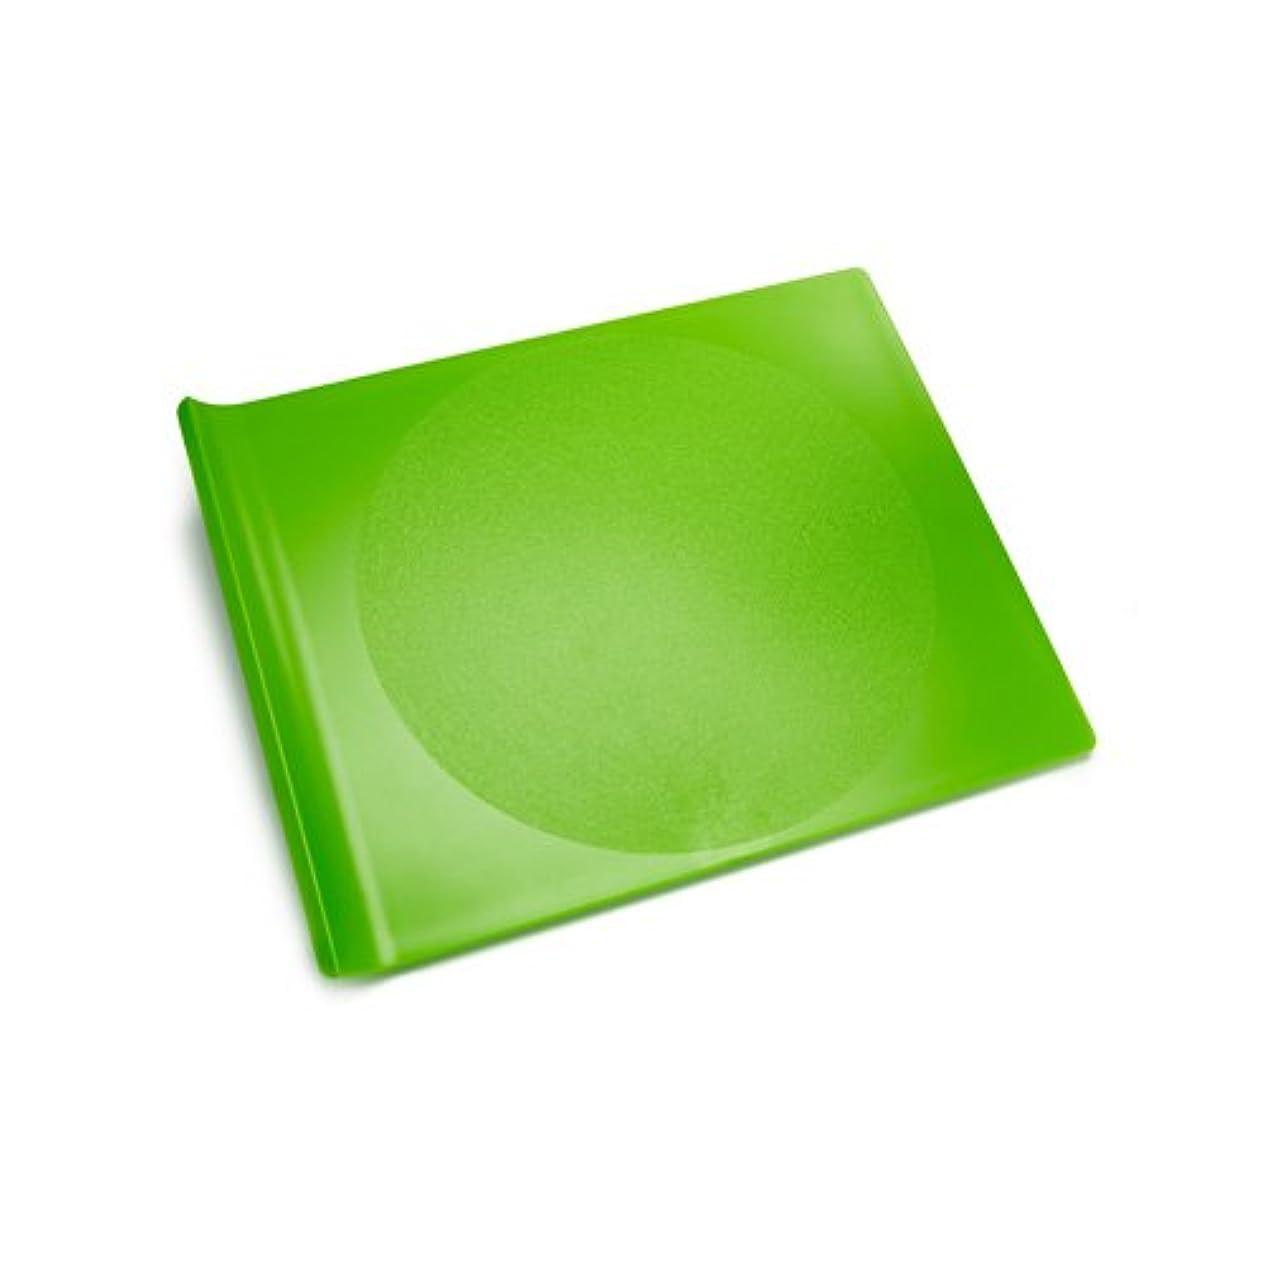 指導する敬セッションプラスチック、LG、Grn、カットボード、14 x 11の( 4個パック)